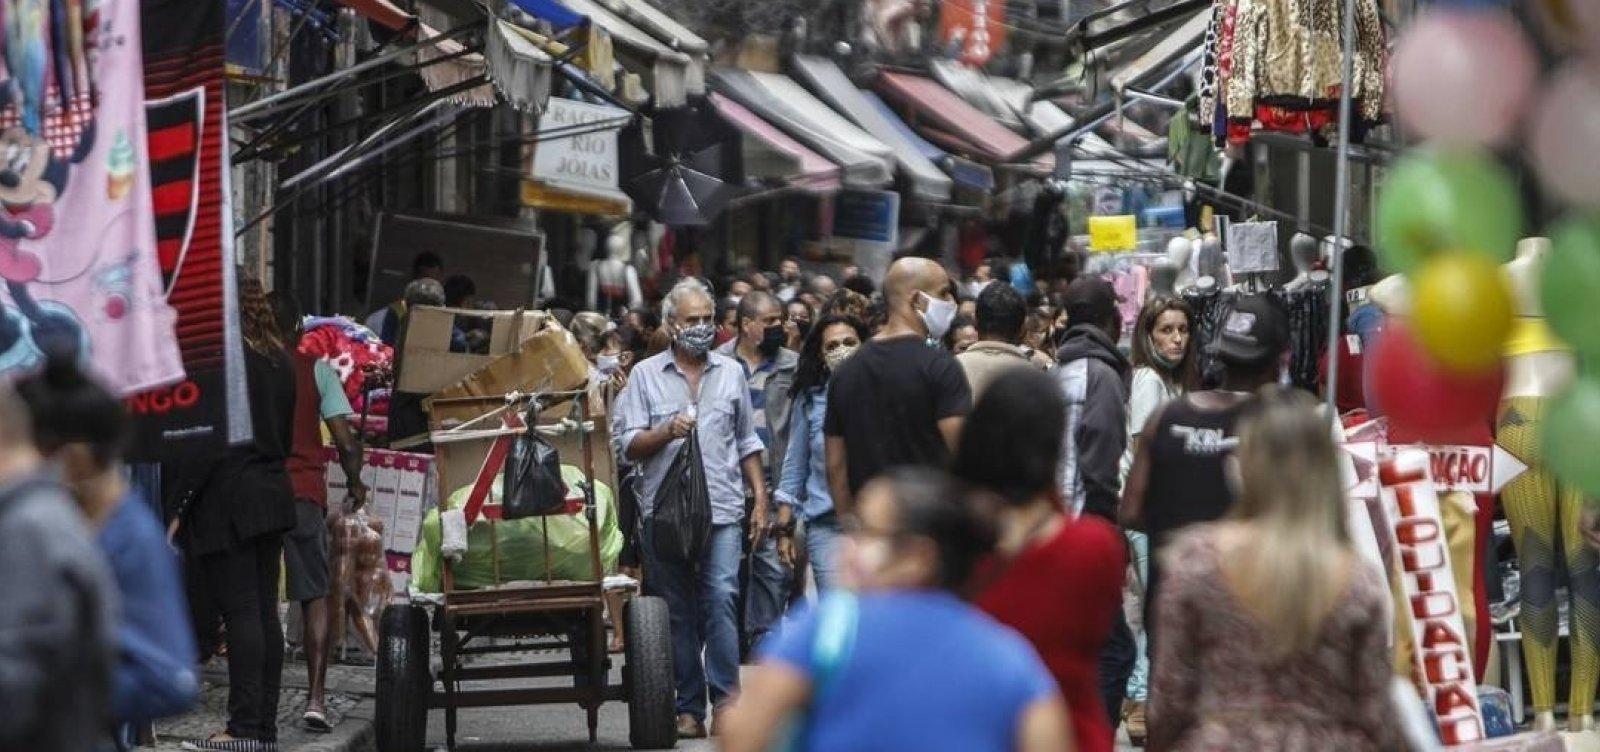 Pandemia de coronavírus será 'muito longa', prevê OMS